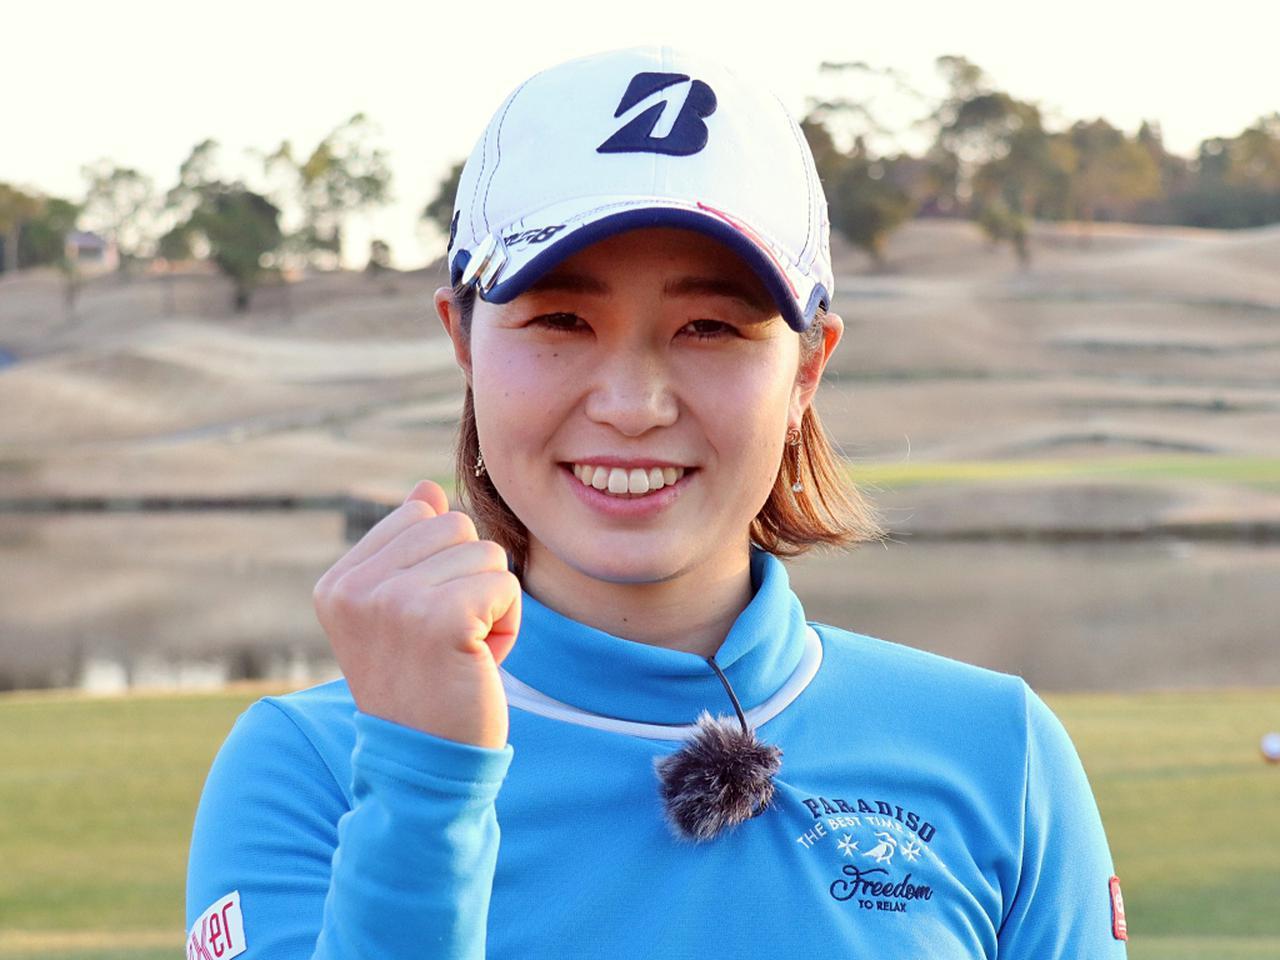 画像: 女子プロゴルファー・蛭田みな美。2020年シーズンの出場資格も得ており、活躍が期待される選手の一人だ